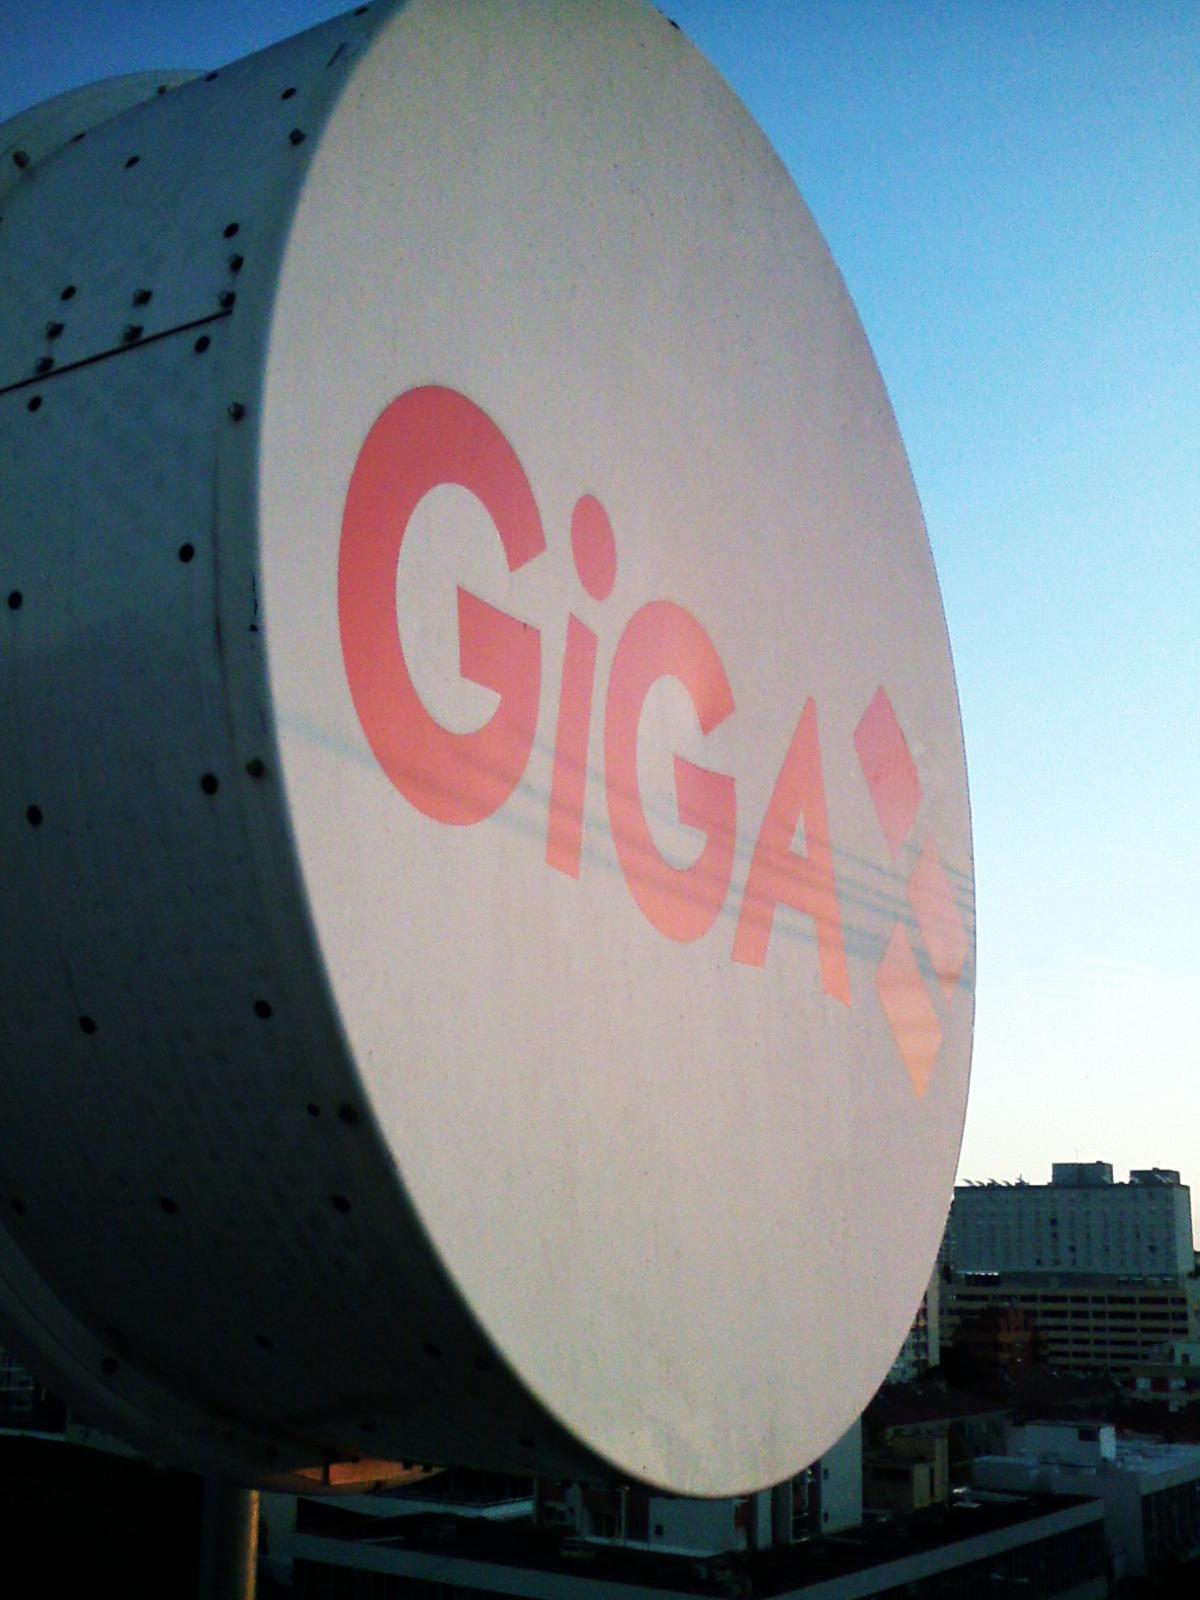 Giga Dish